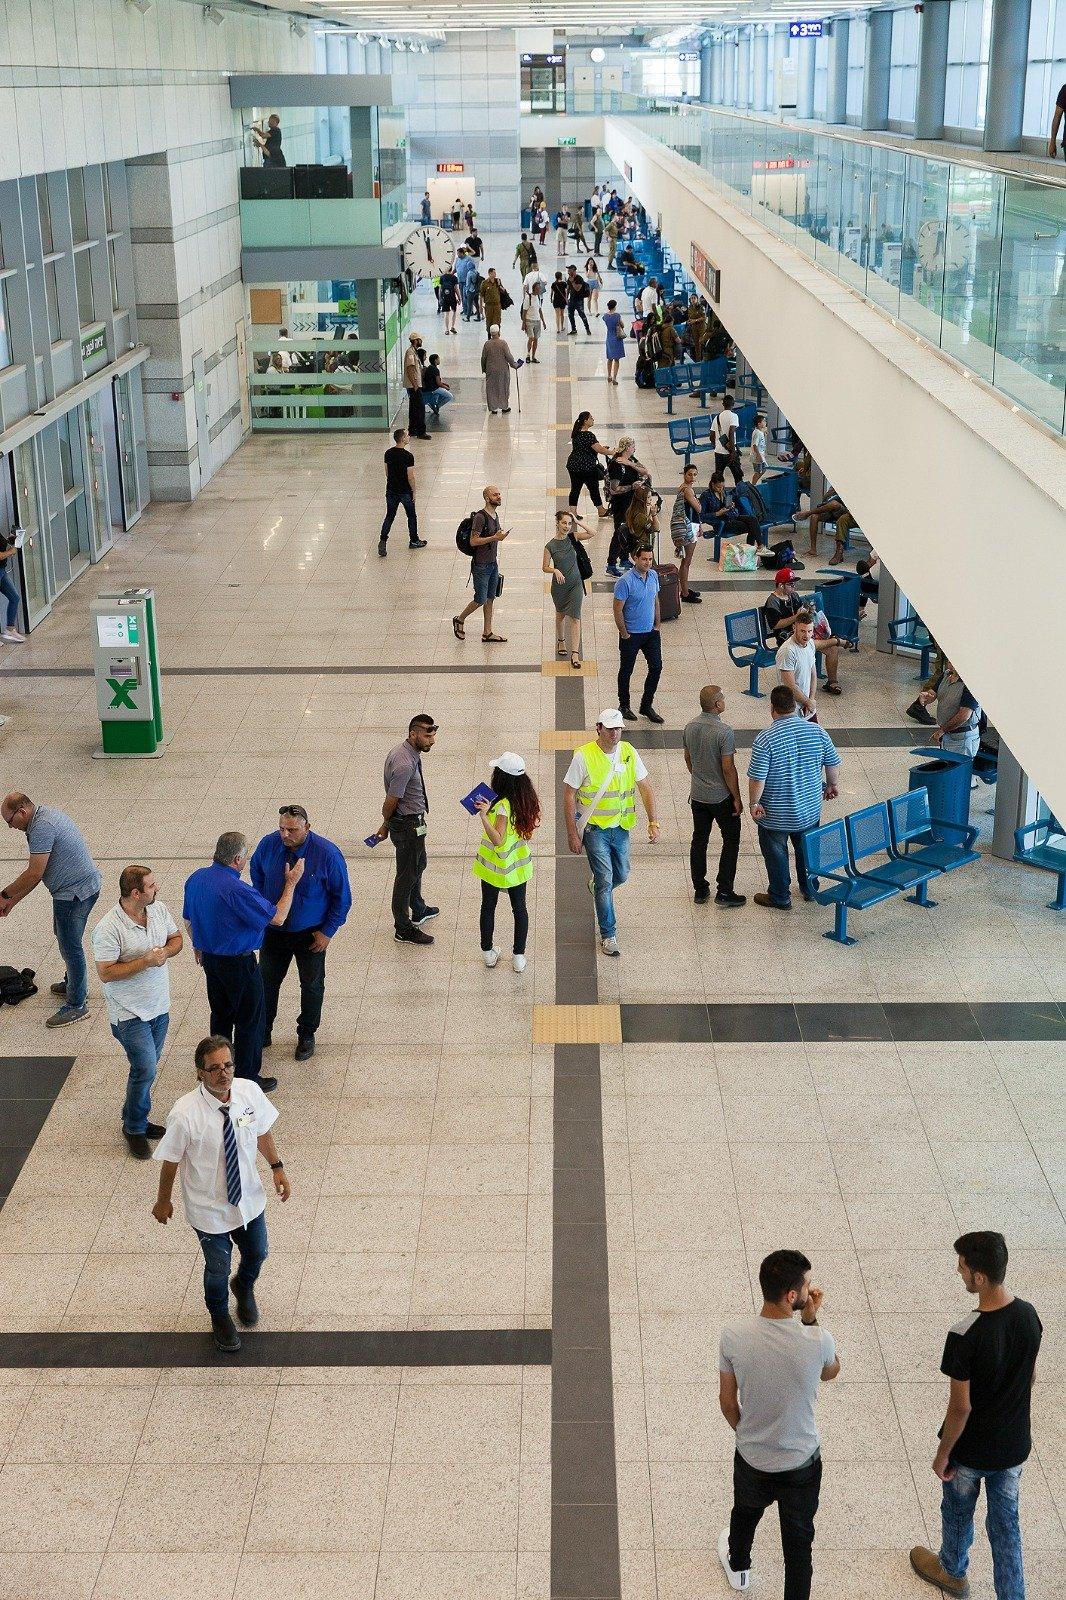 المحطة المكزية المفراتس الجديدة في حيفا تفتح ابوابها للجمهور